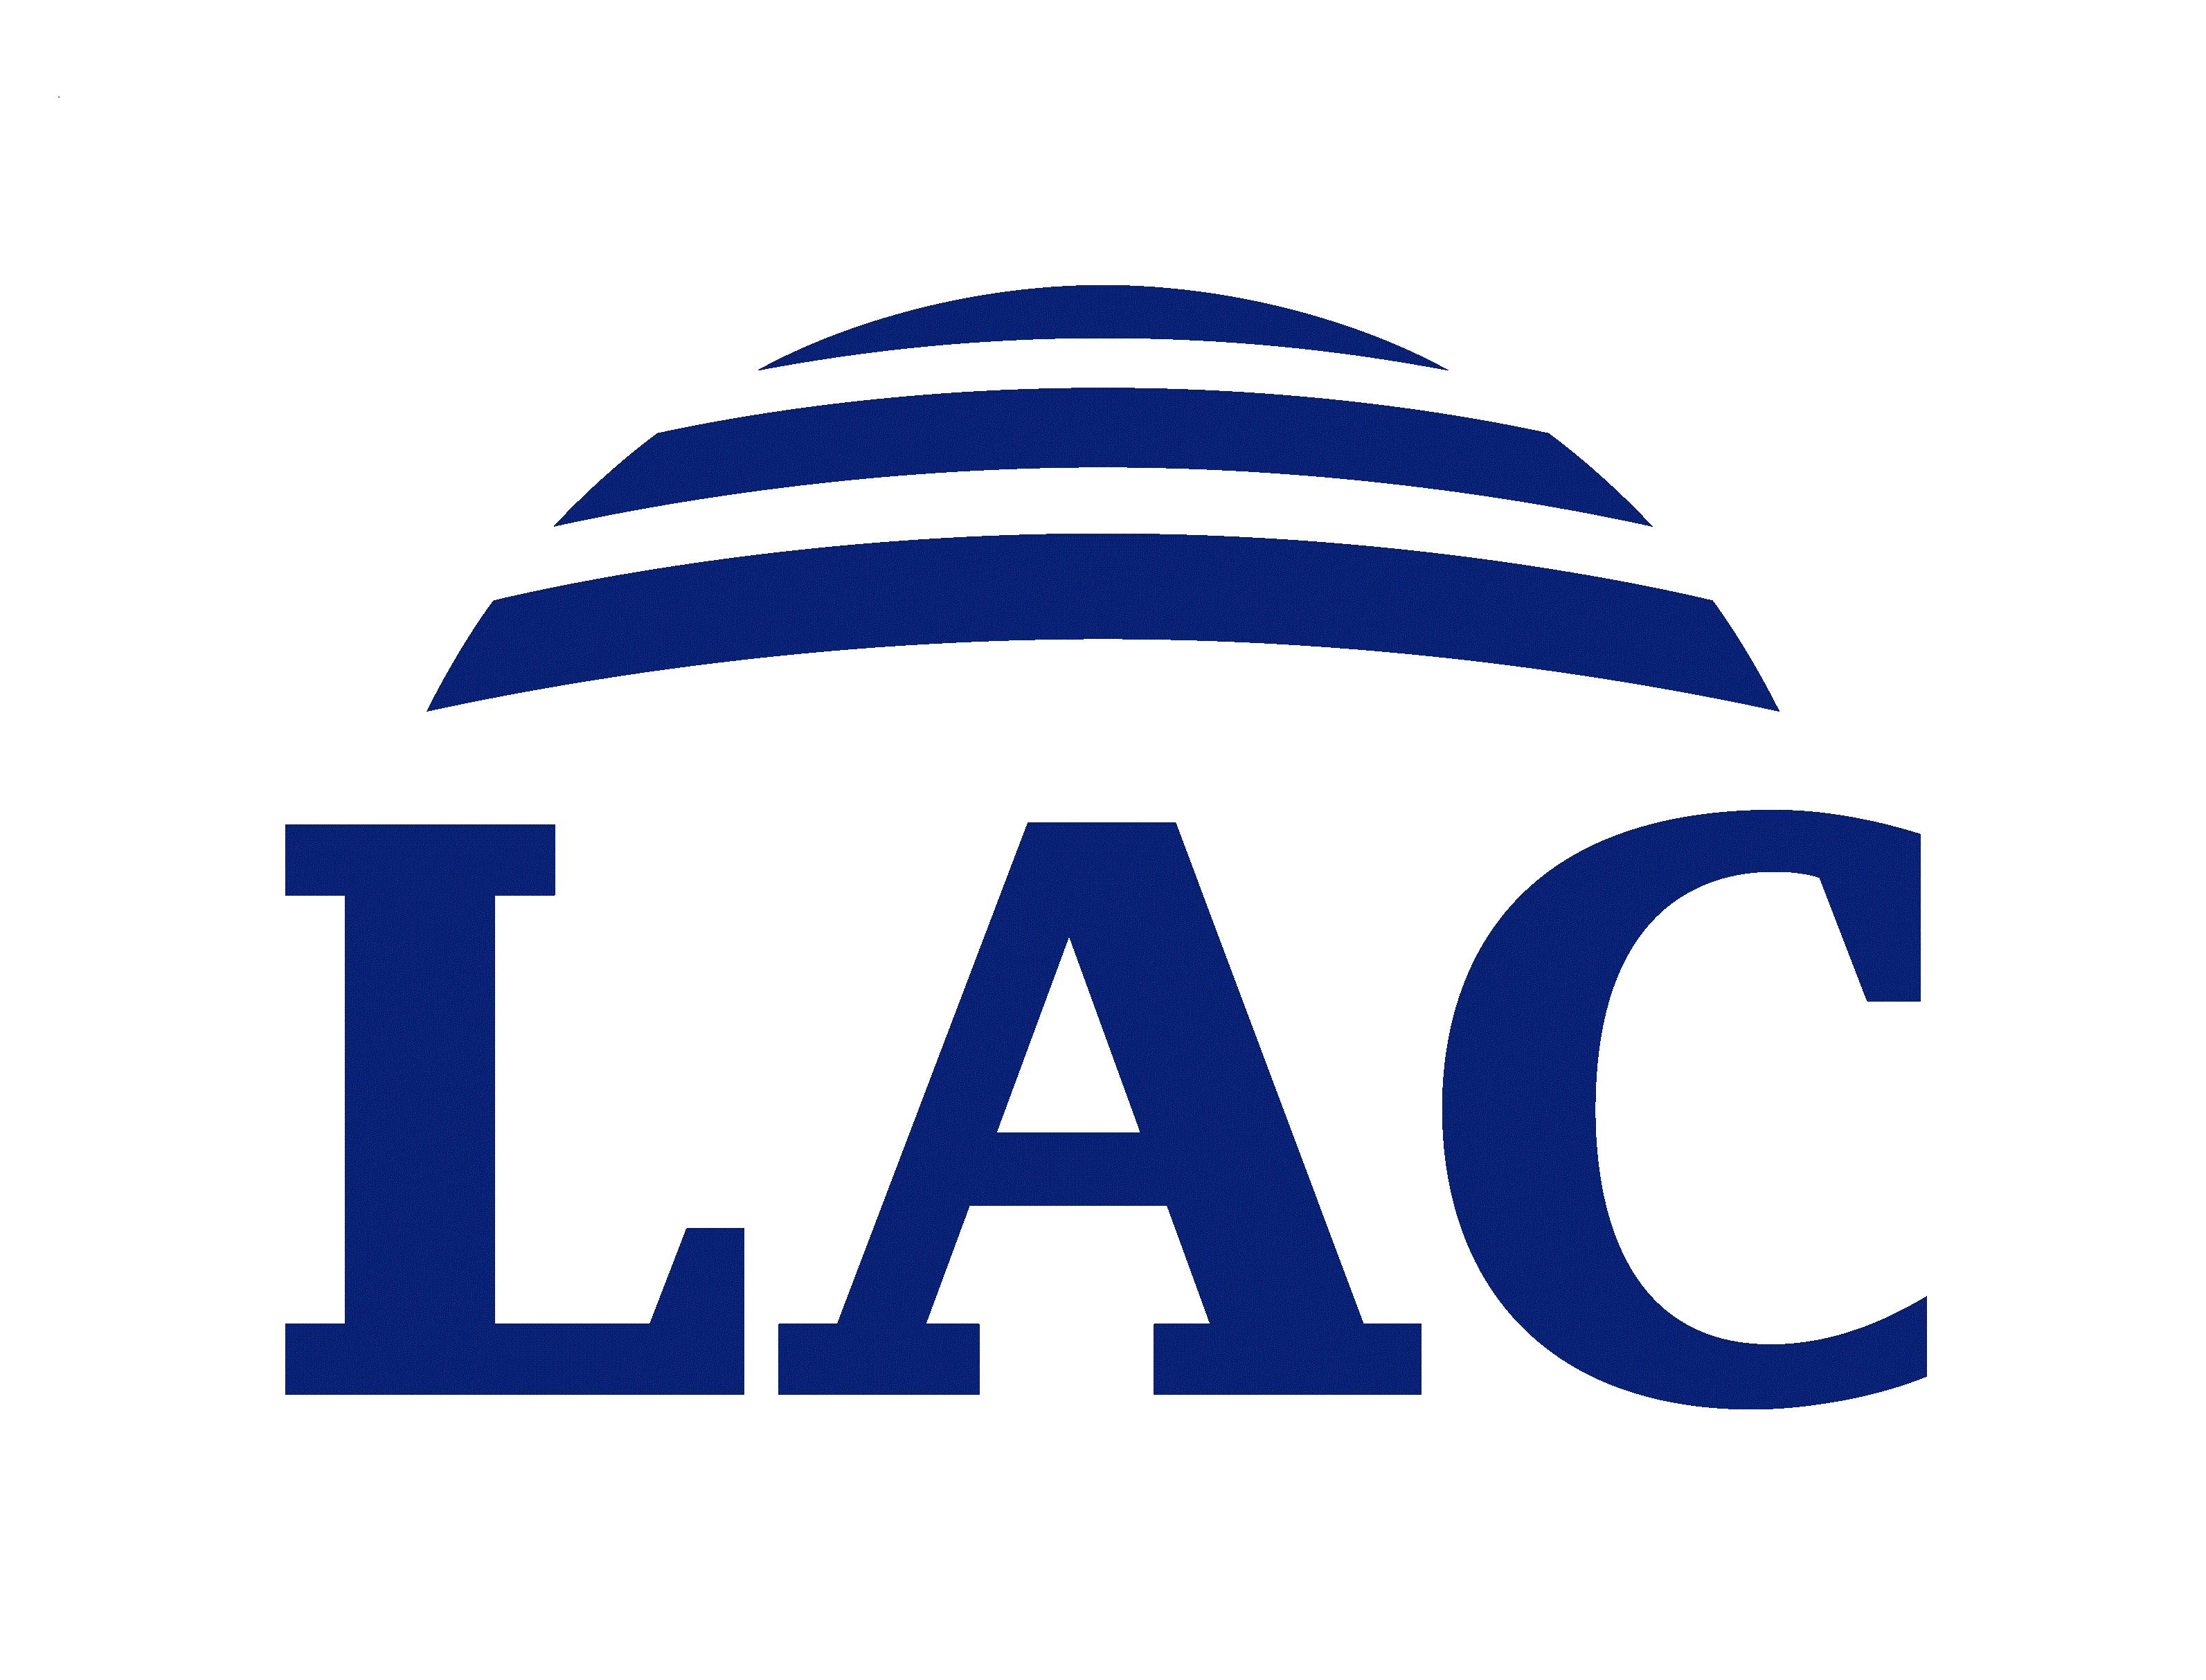 株式会社ラックのロゴ